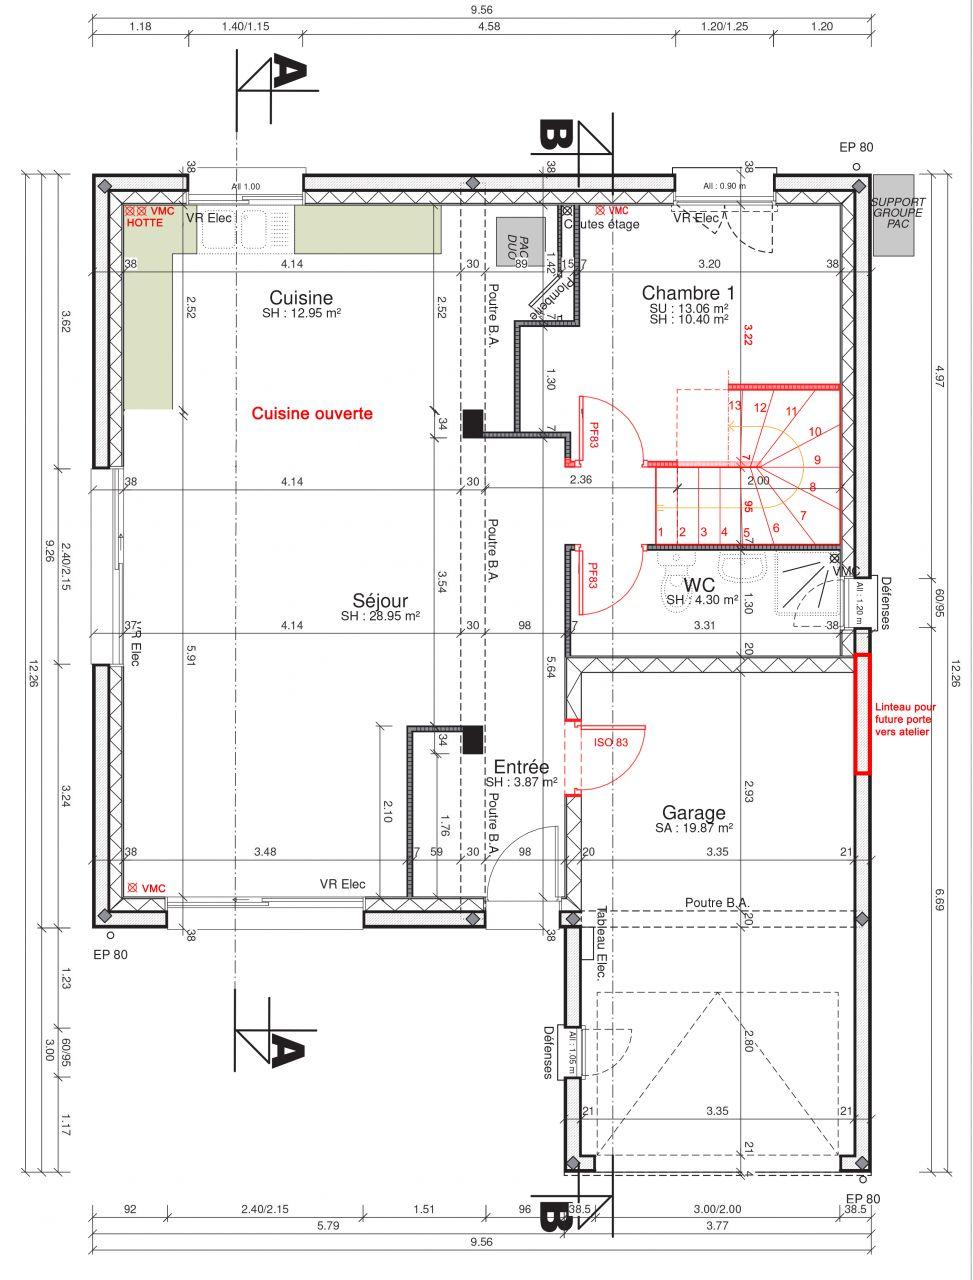 Plan avec modifications souhaitées (préparation MAP)